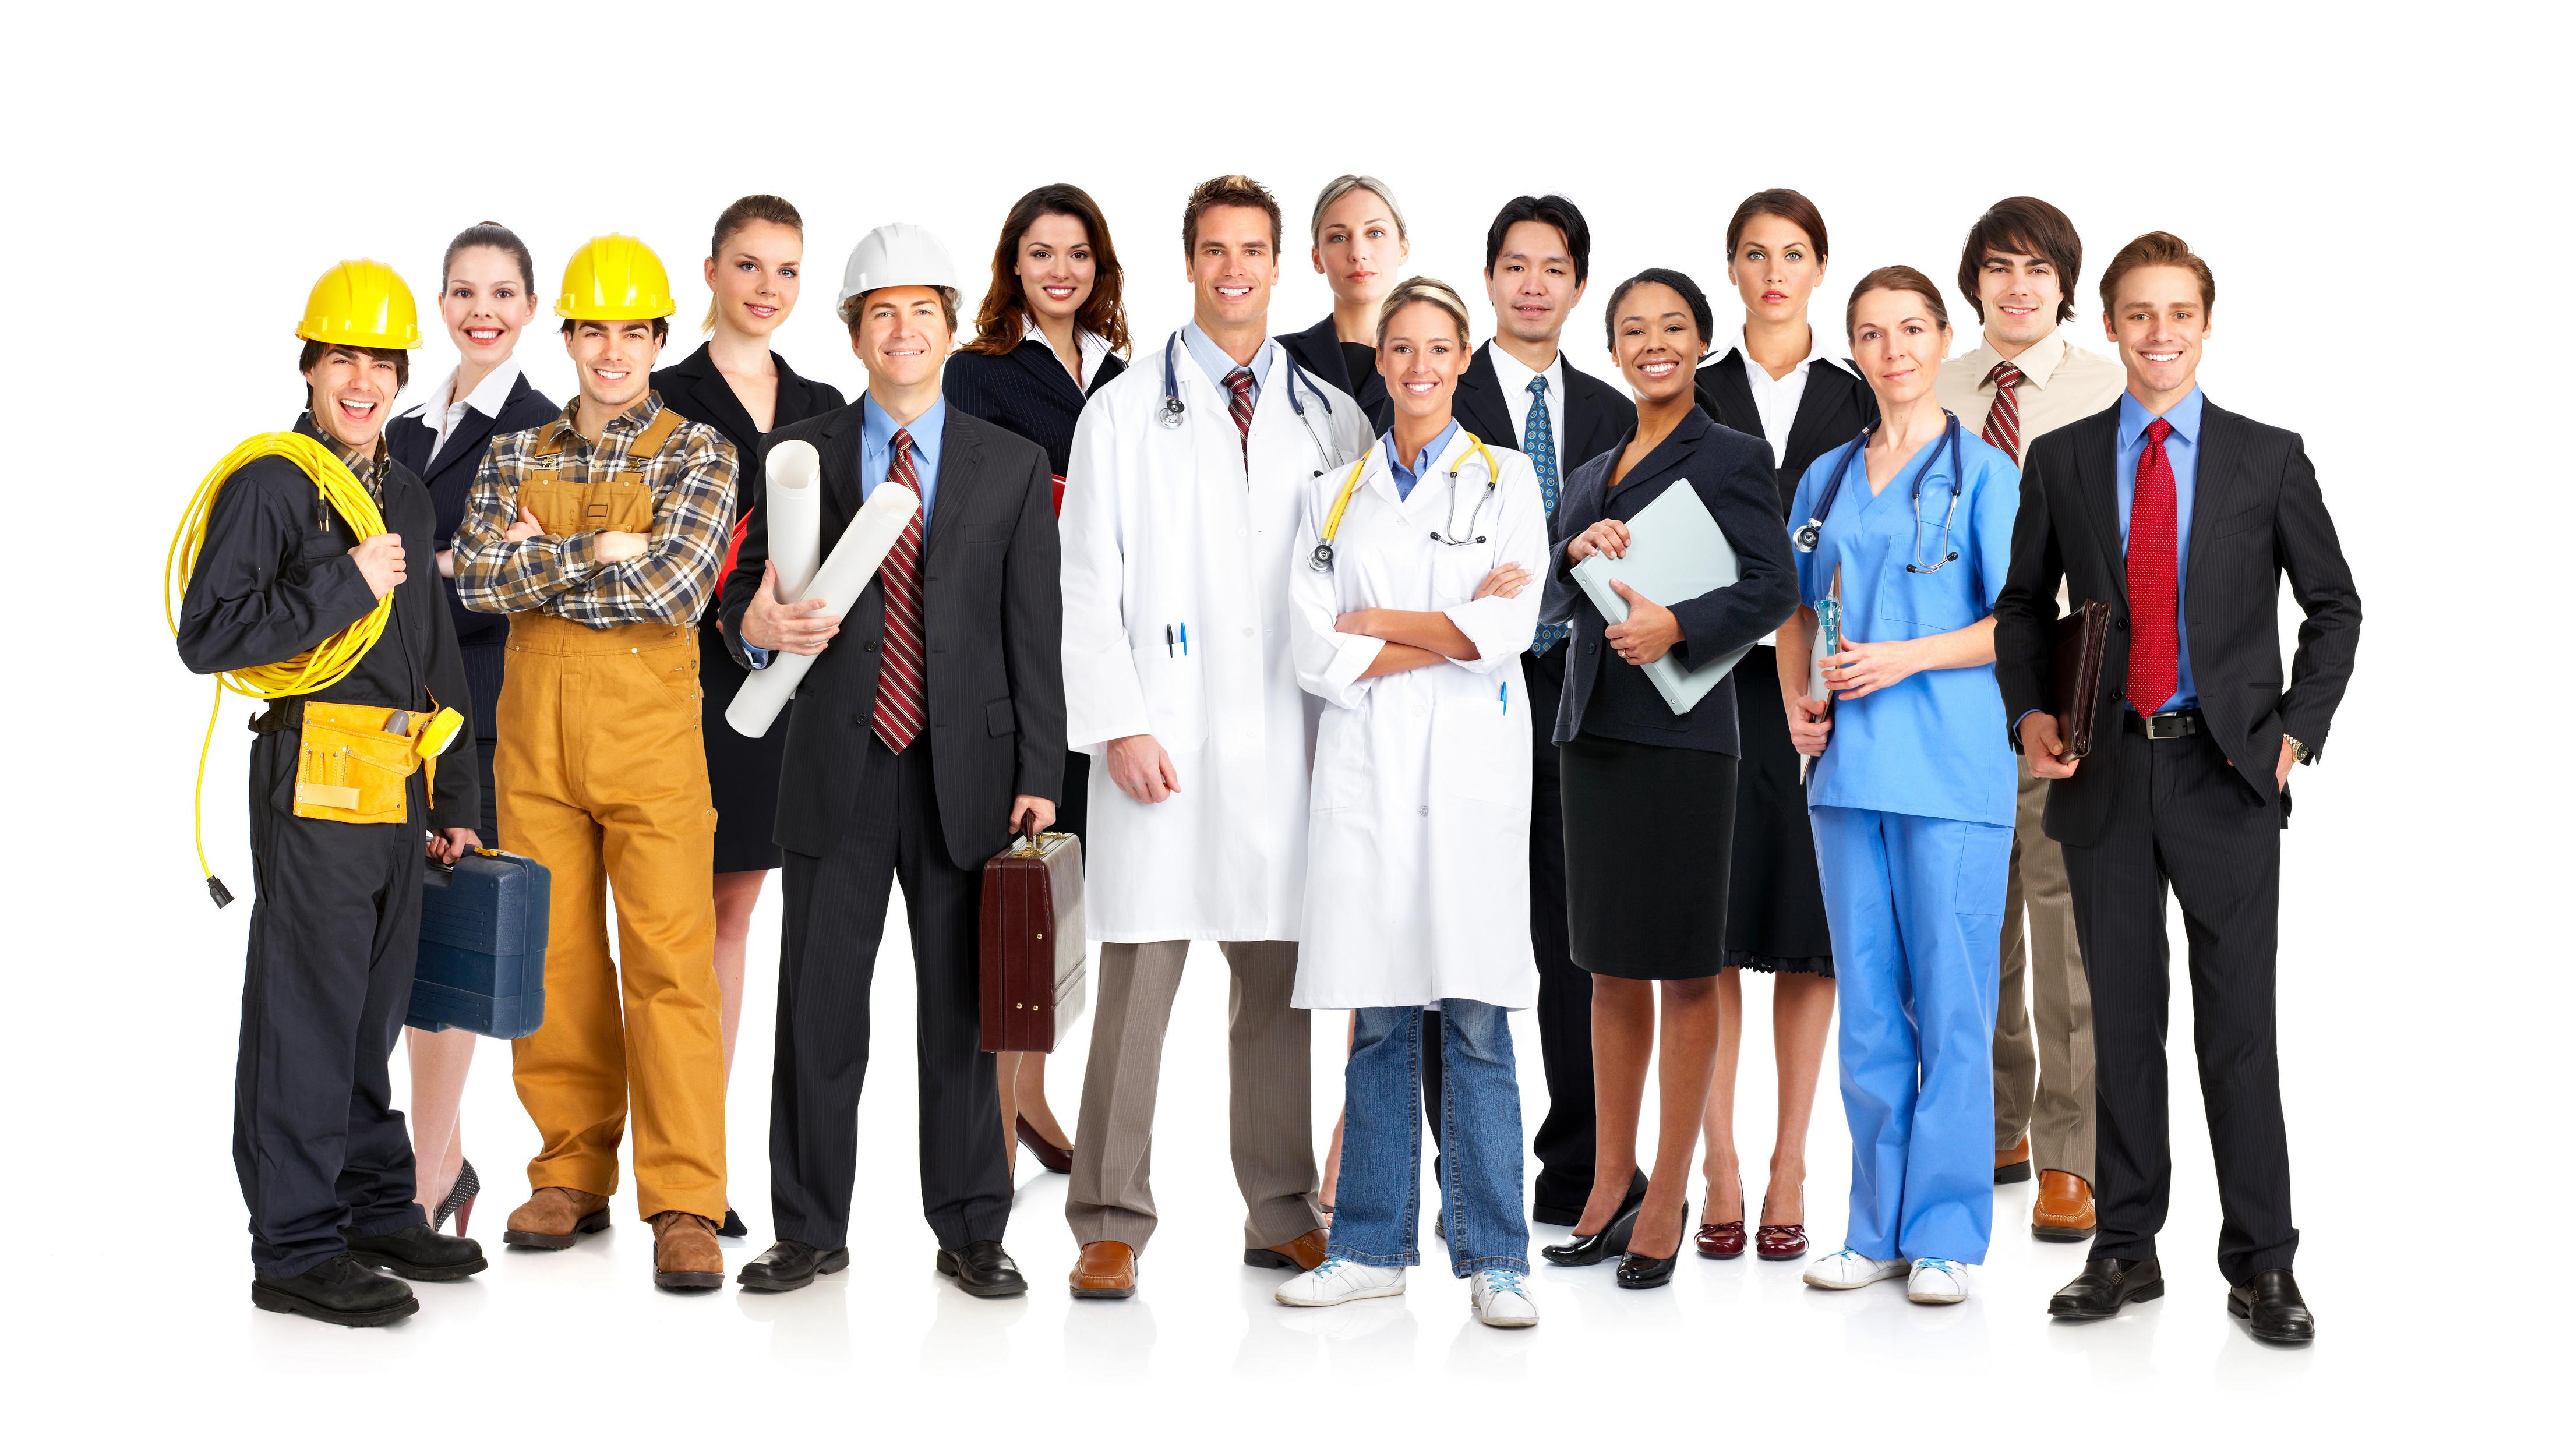 Contatti rappresentazione del personale per tutti i servizi